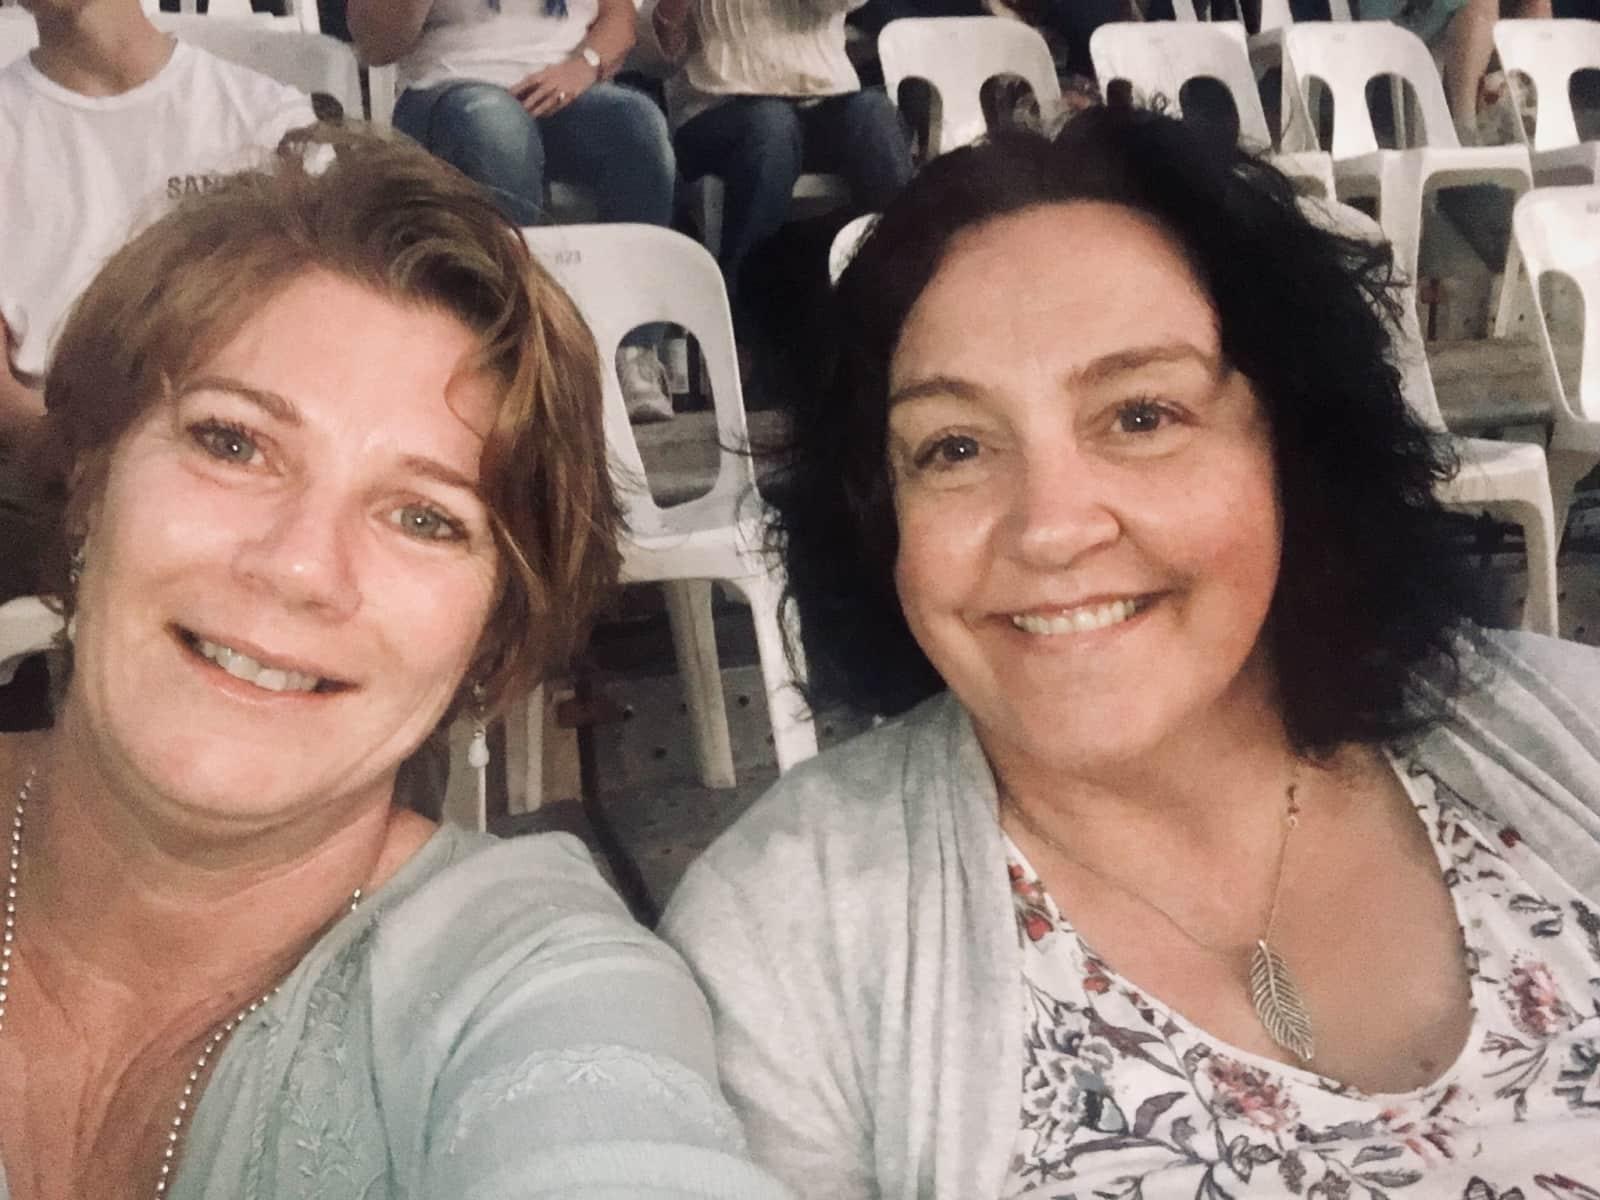 Wendy & Lynne from Townsville, Queensland, Australia